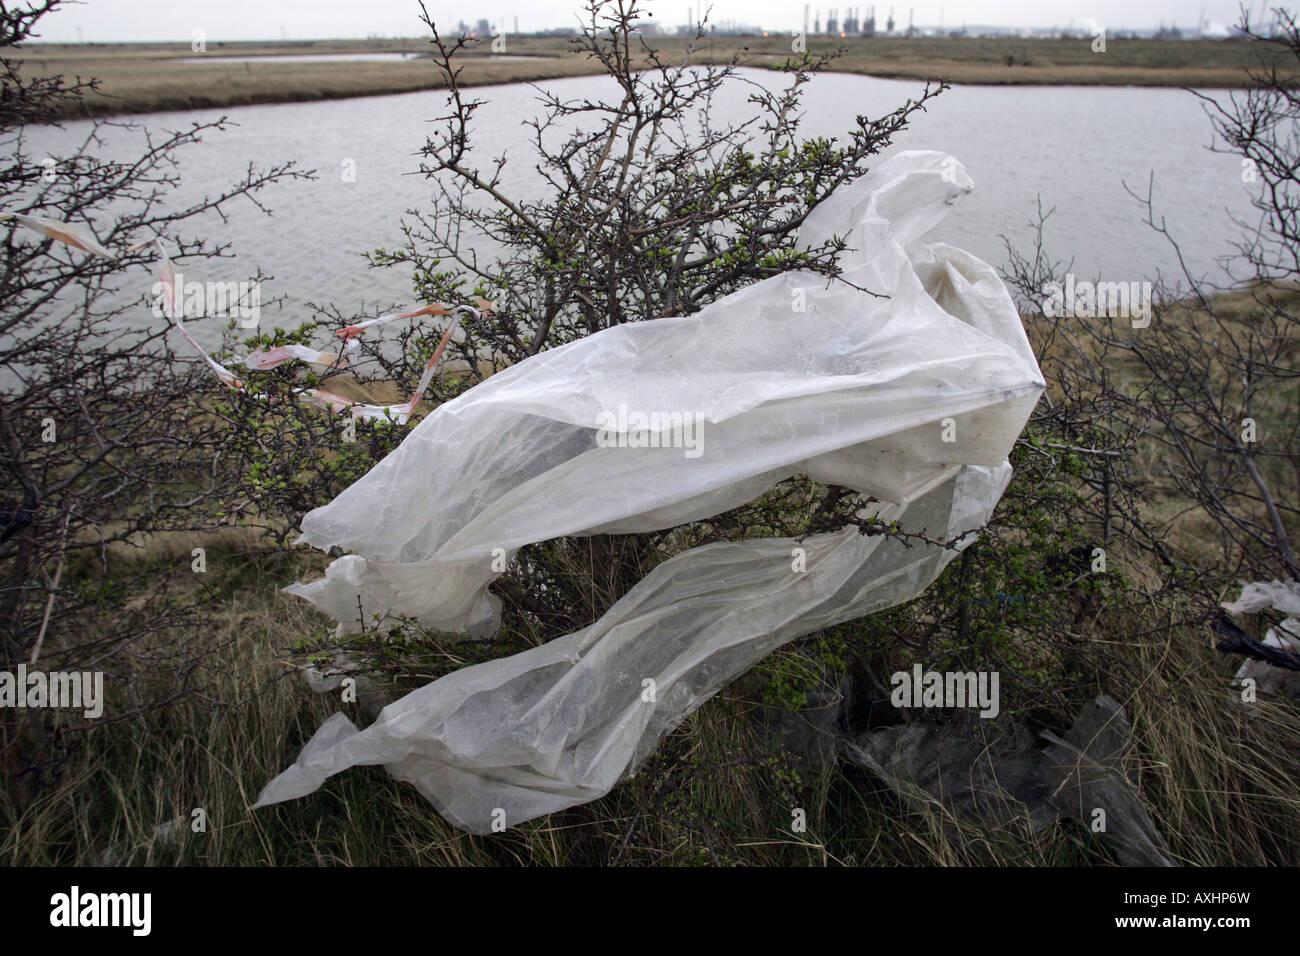 Soufflé en plastique à partir d'un site d'enfouissement à Seal Sands près de Middlesbrough Photo Stock